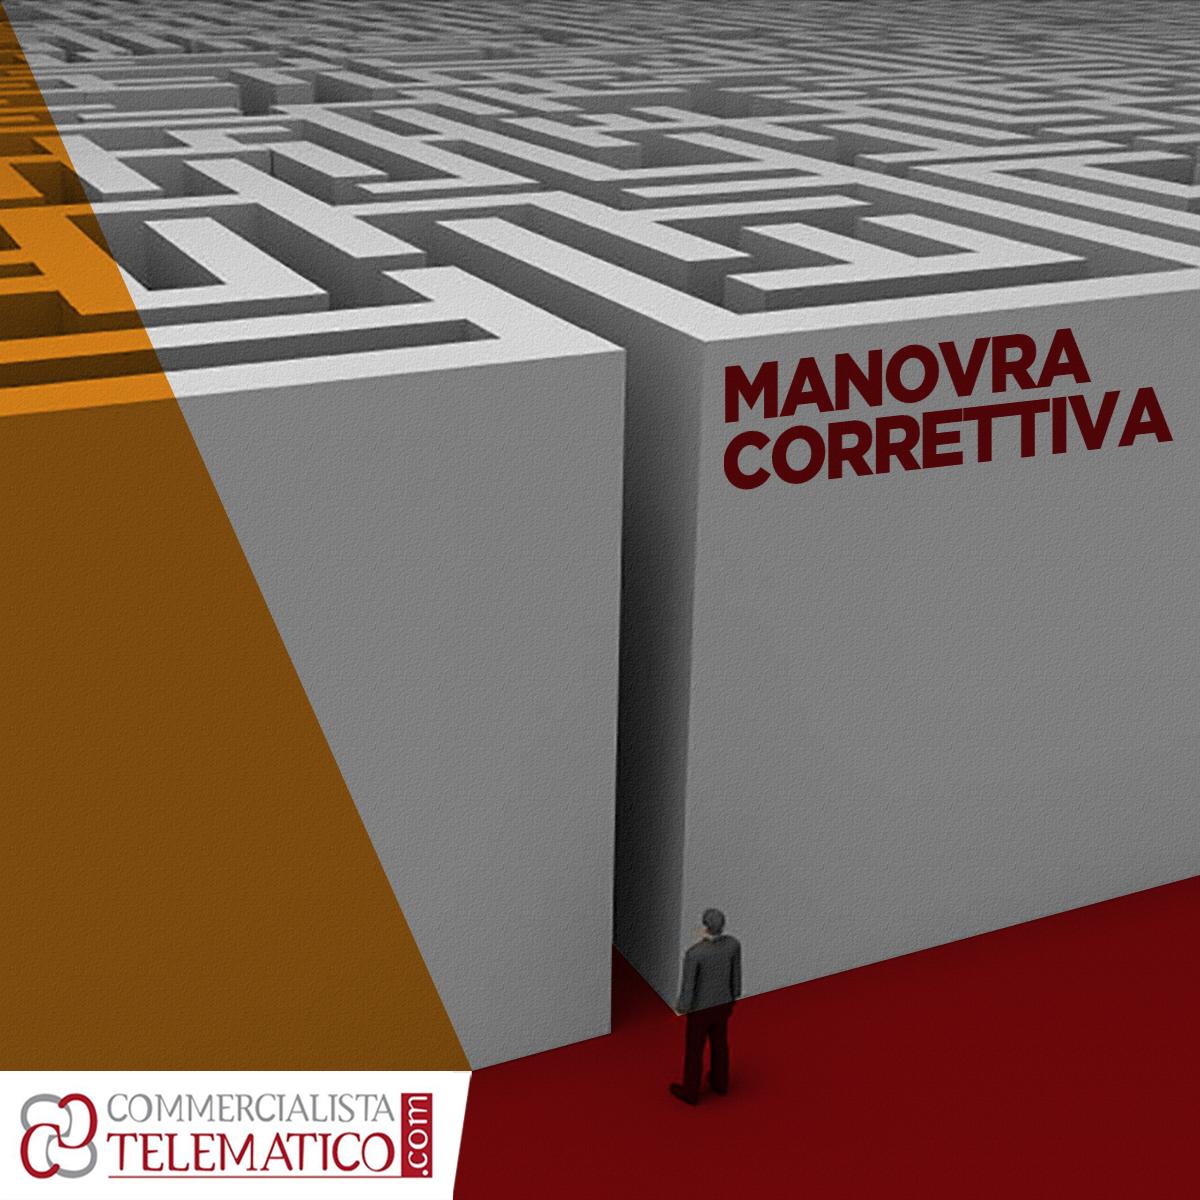 Commercialista_Telematico_Post_1200x1200px_Manovra_Correttiva